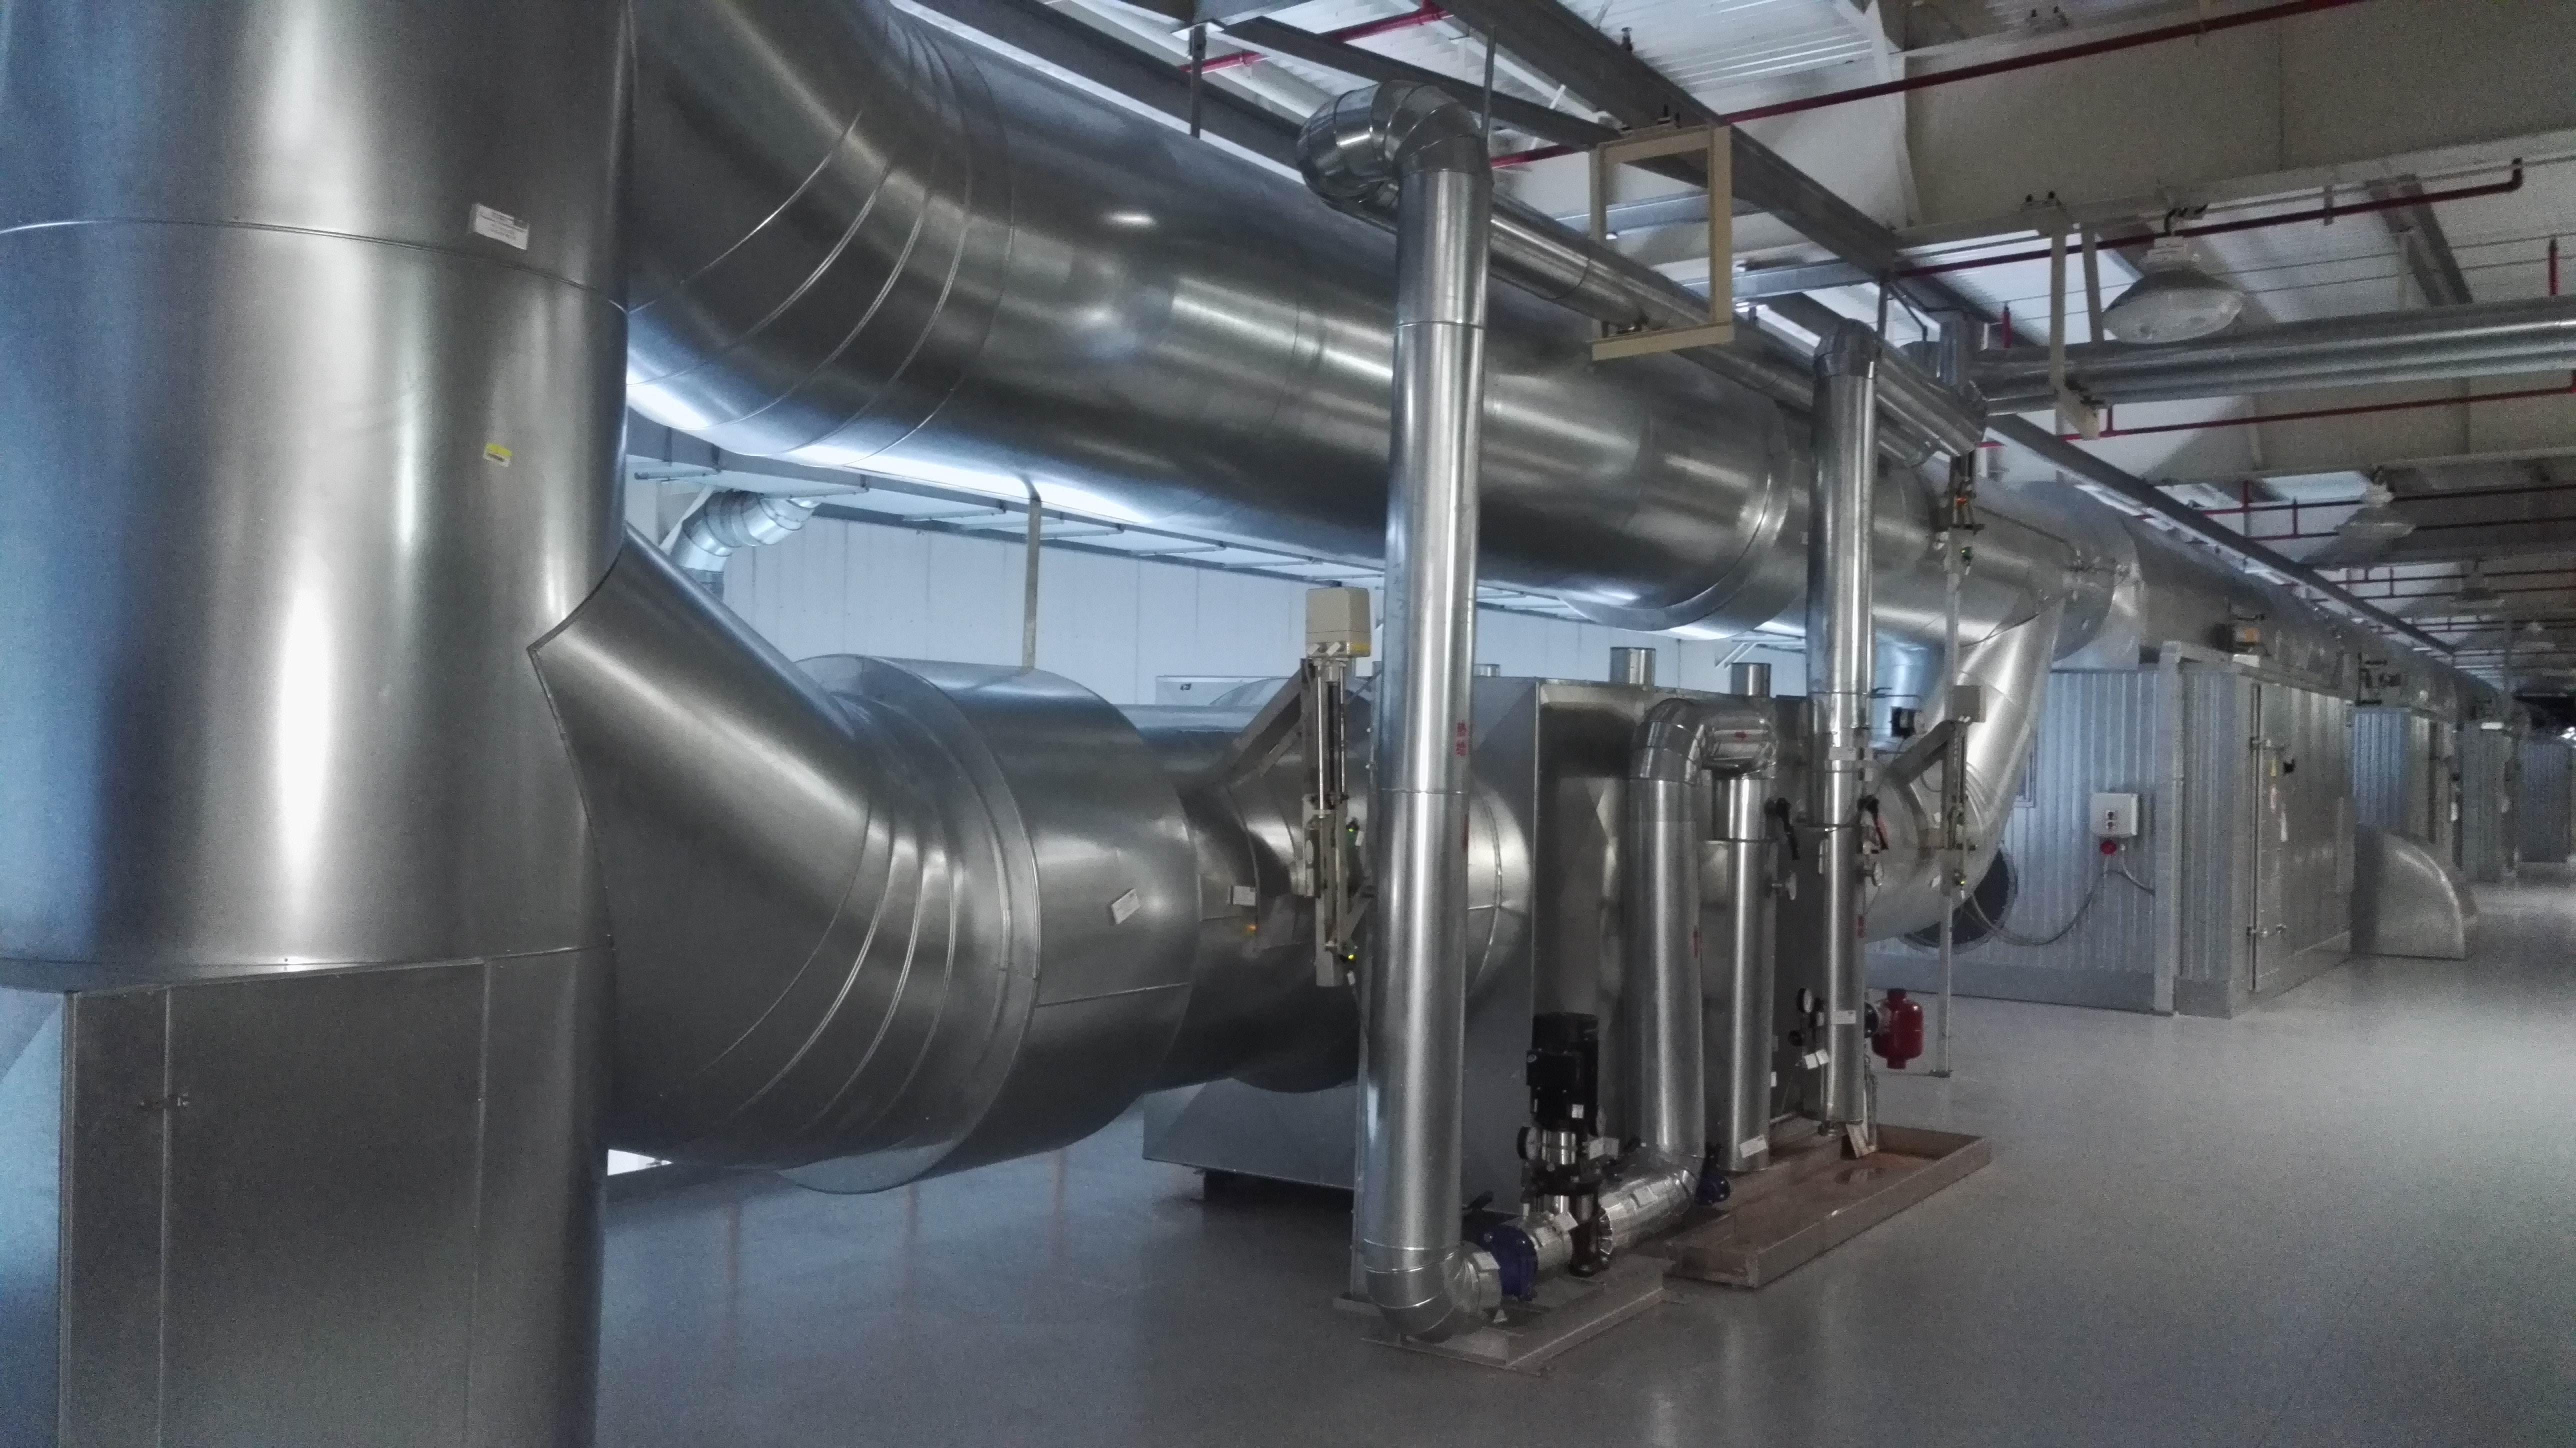 螺杆式空压机余热回收在木炭烘干行业的应用